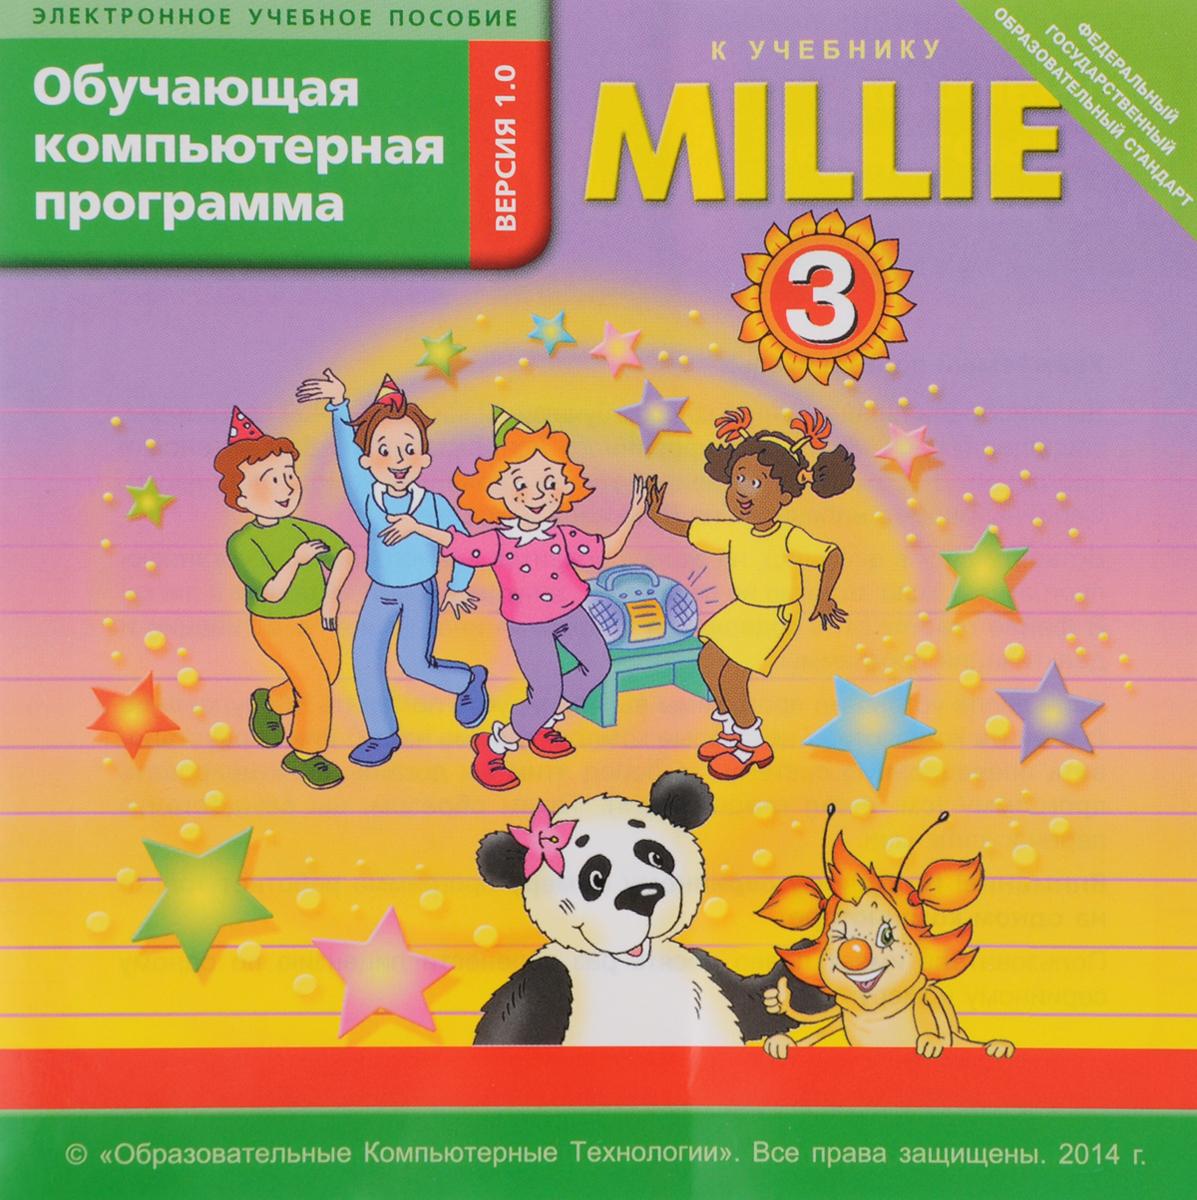 Millie 3 / Милли. Английский язык. 3 класс. Обучающая компьютерная программа